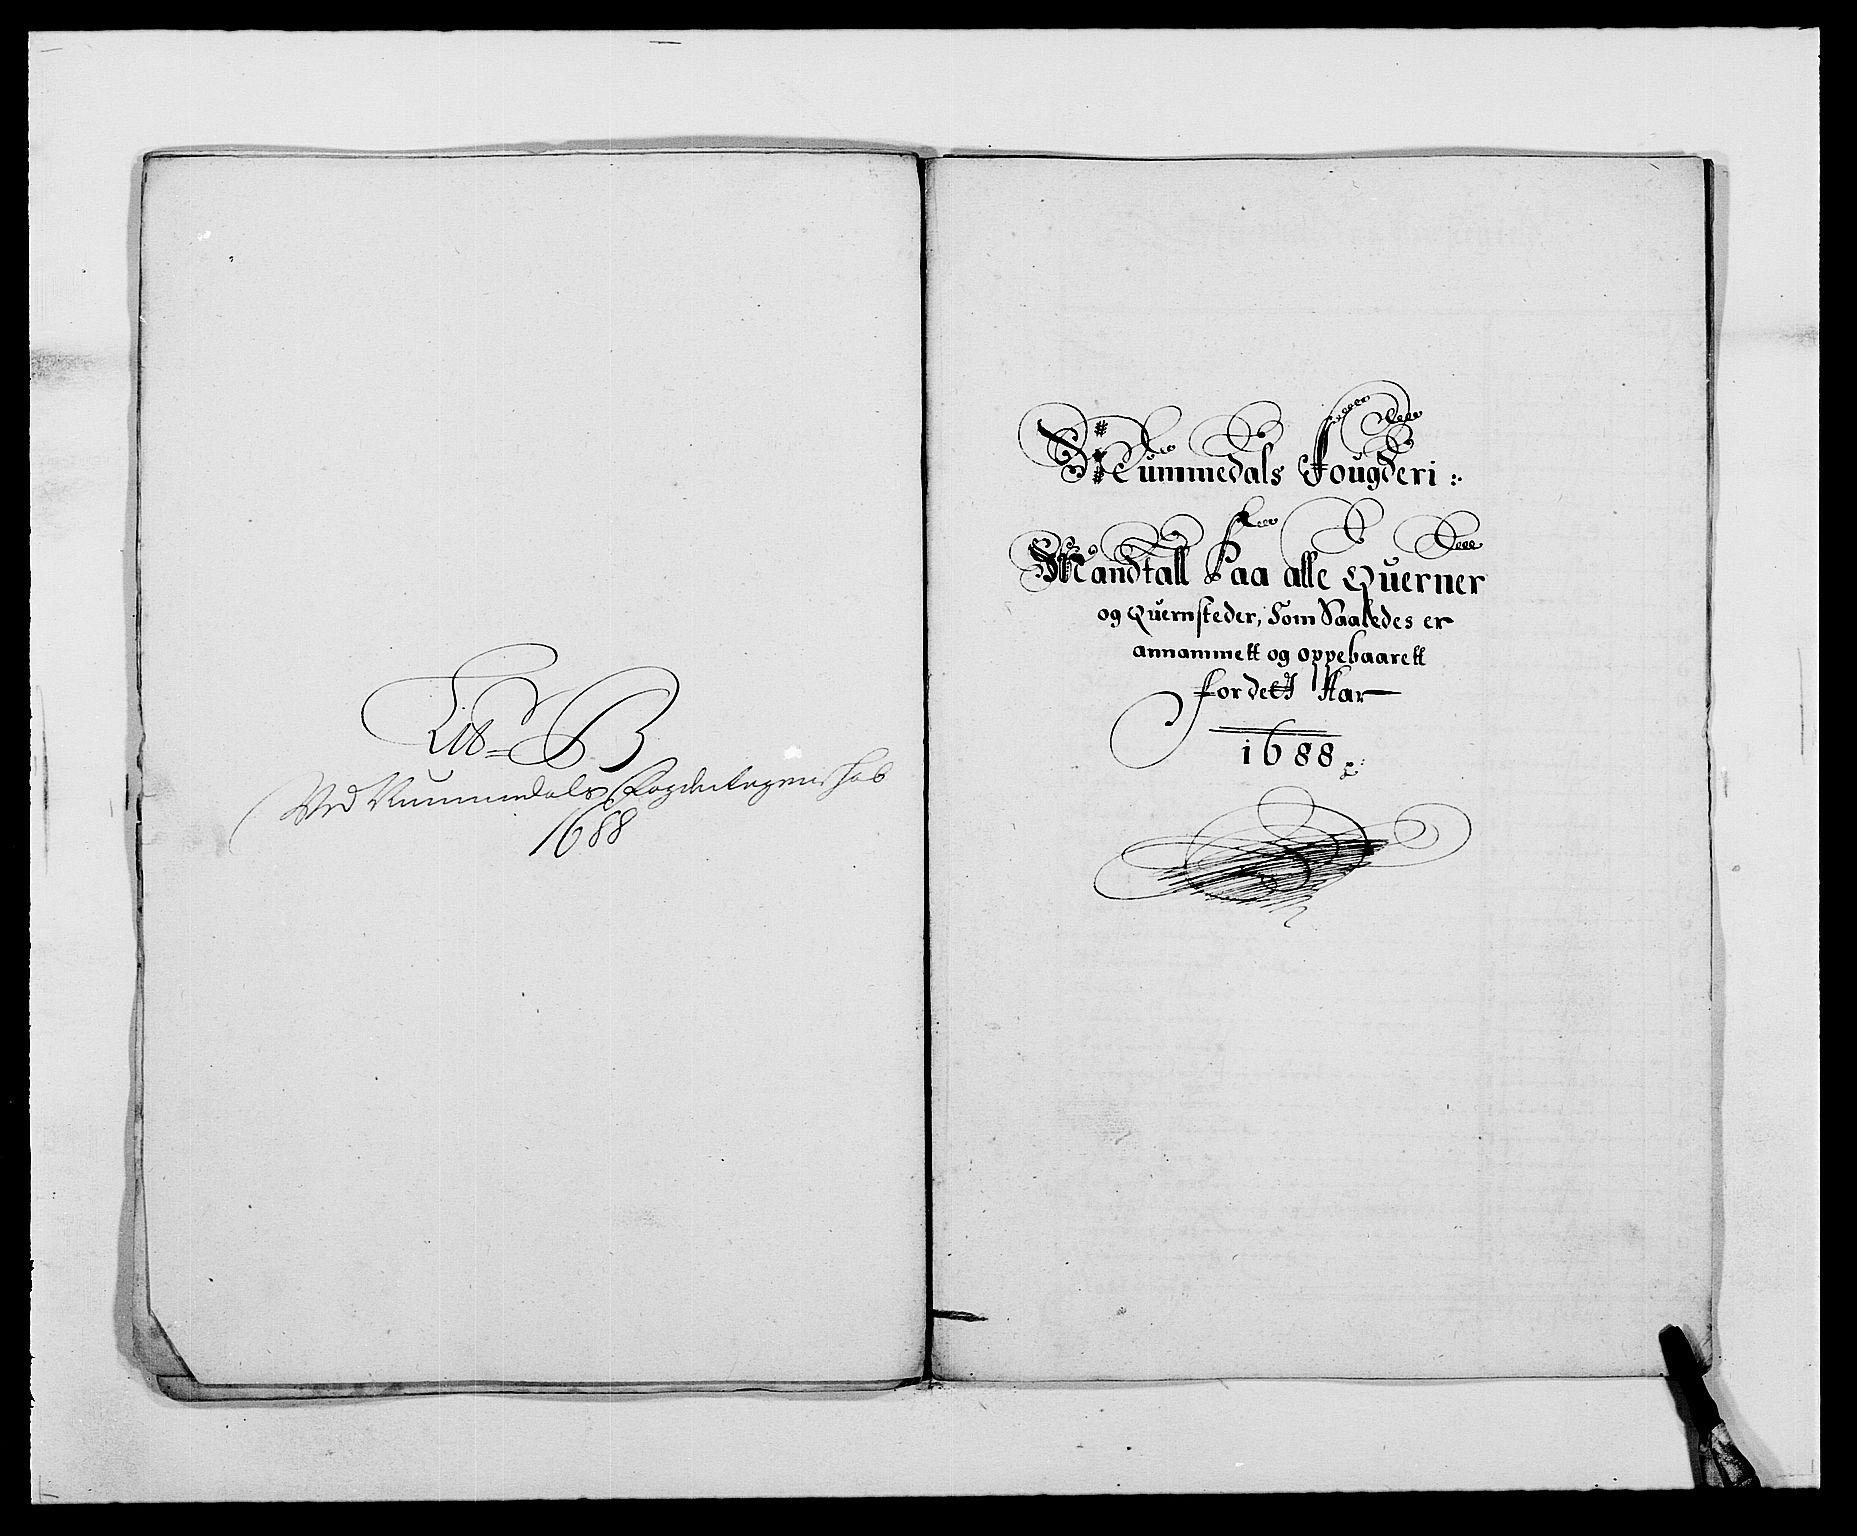 RA, Rentekammeret inntil 1814, Reviderte regnskaper, Fogderegnskap, R64/L4422: Fogderegnskap Namdal, 1687-1689, s. 102